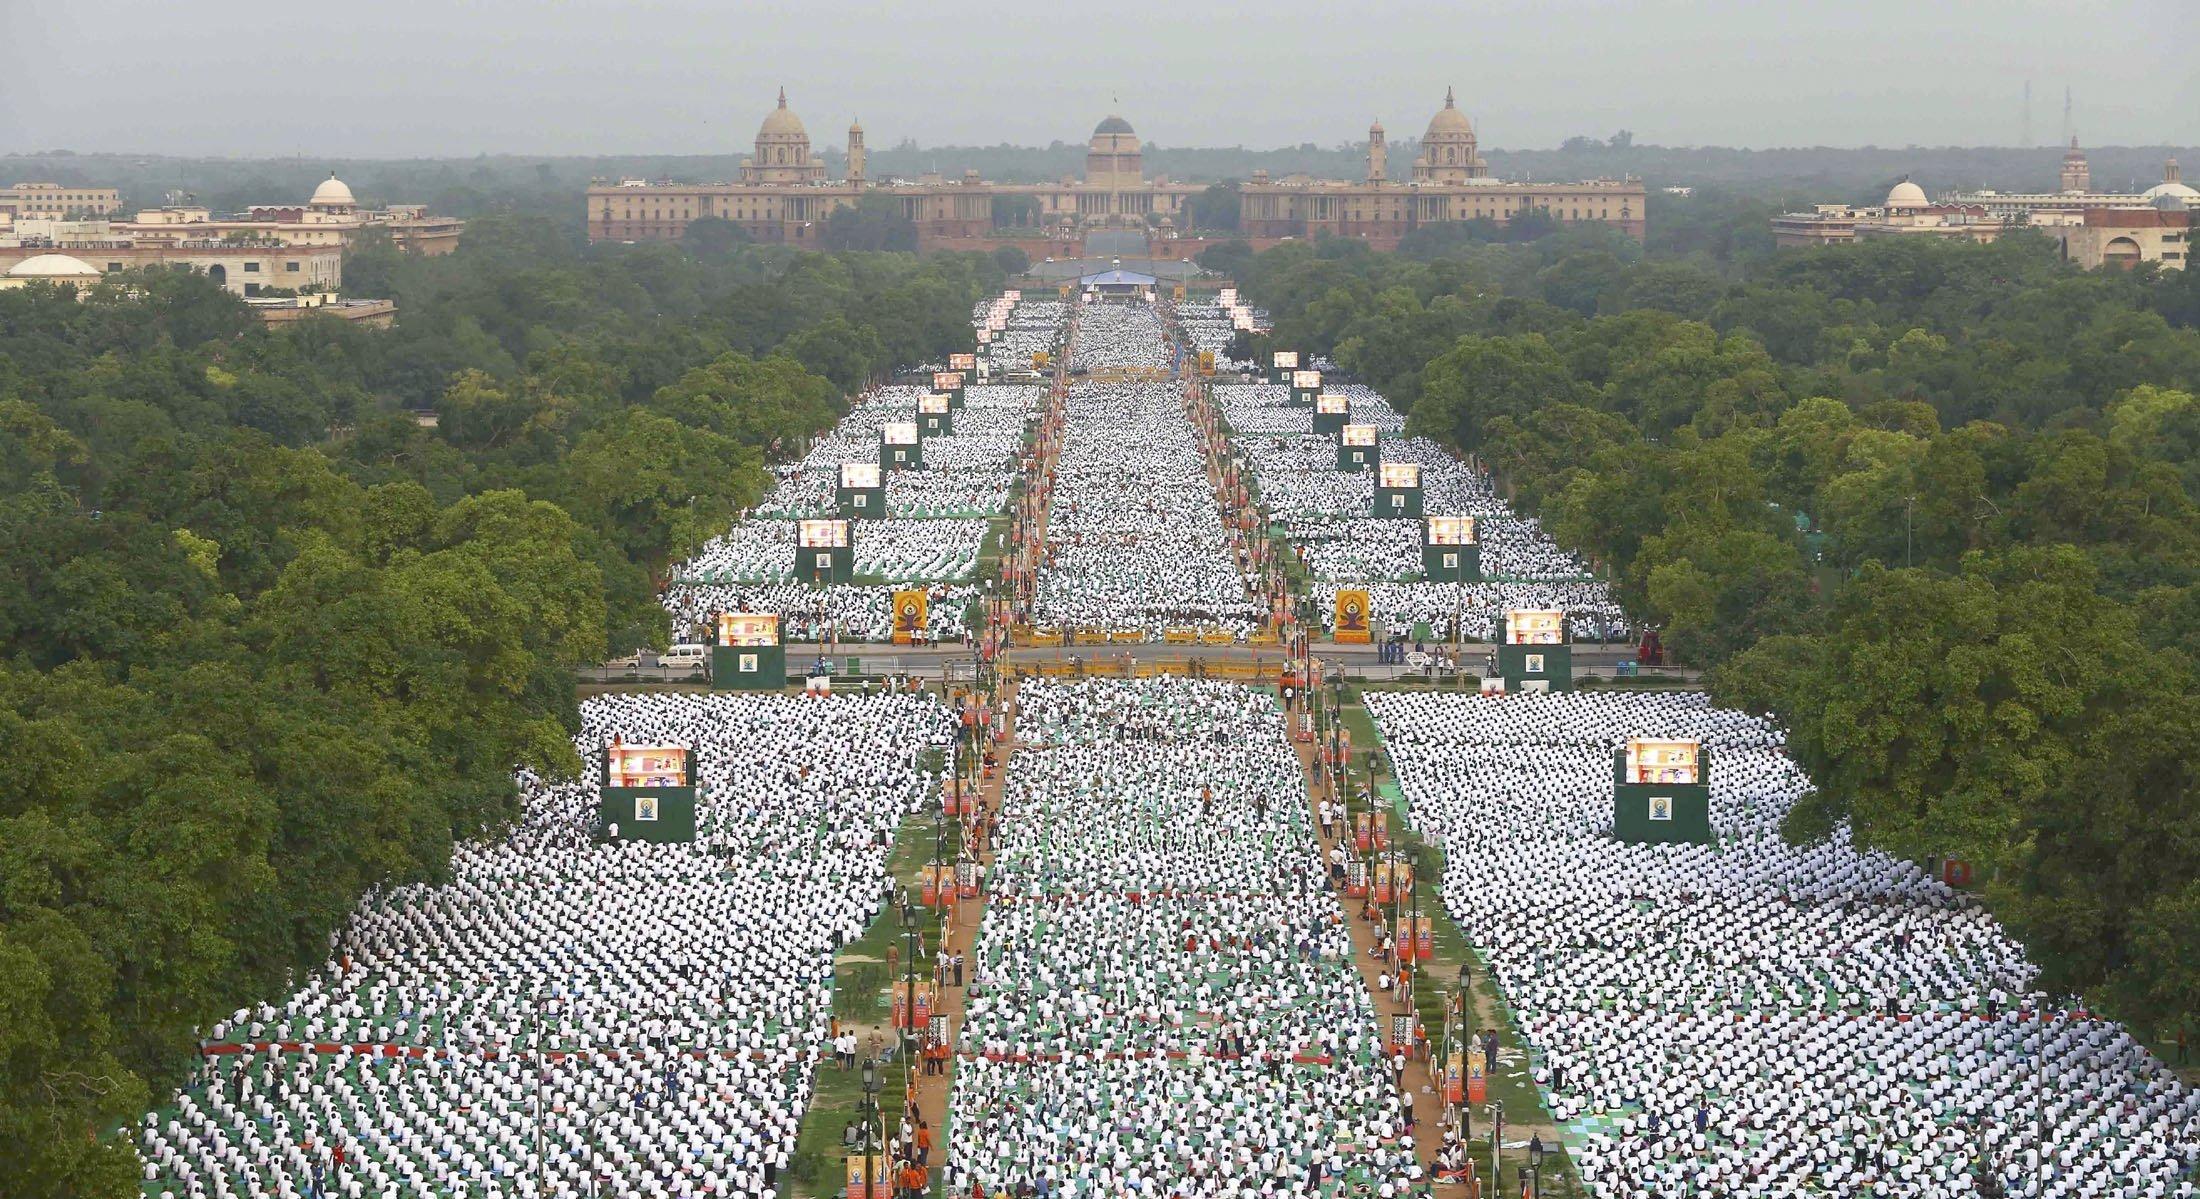 المشاركون فى اليوم العالمي لليوجا أمام بوابة الهند فى نيودلهي